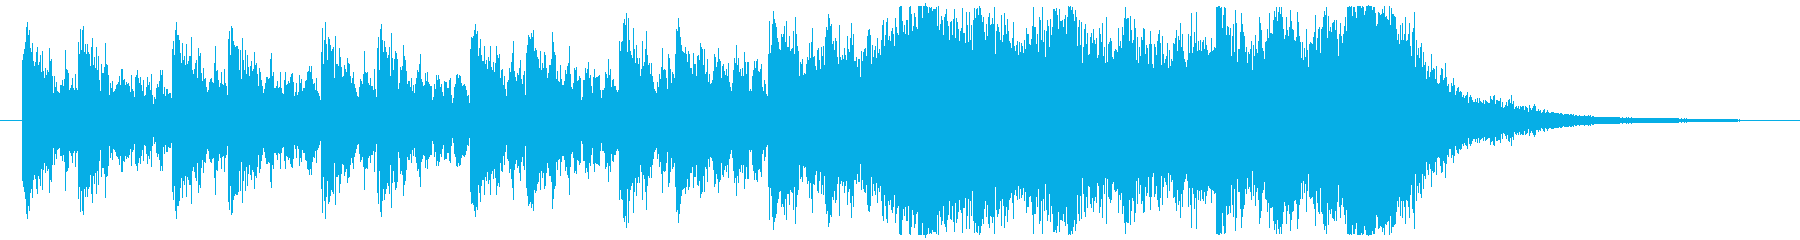 壮大/始まり/迫力/オーケストラの再生済みの波形